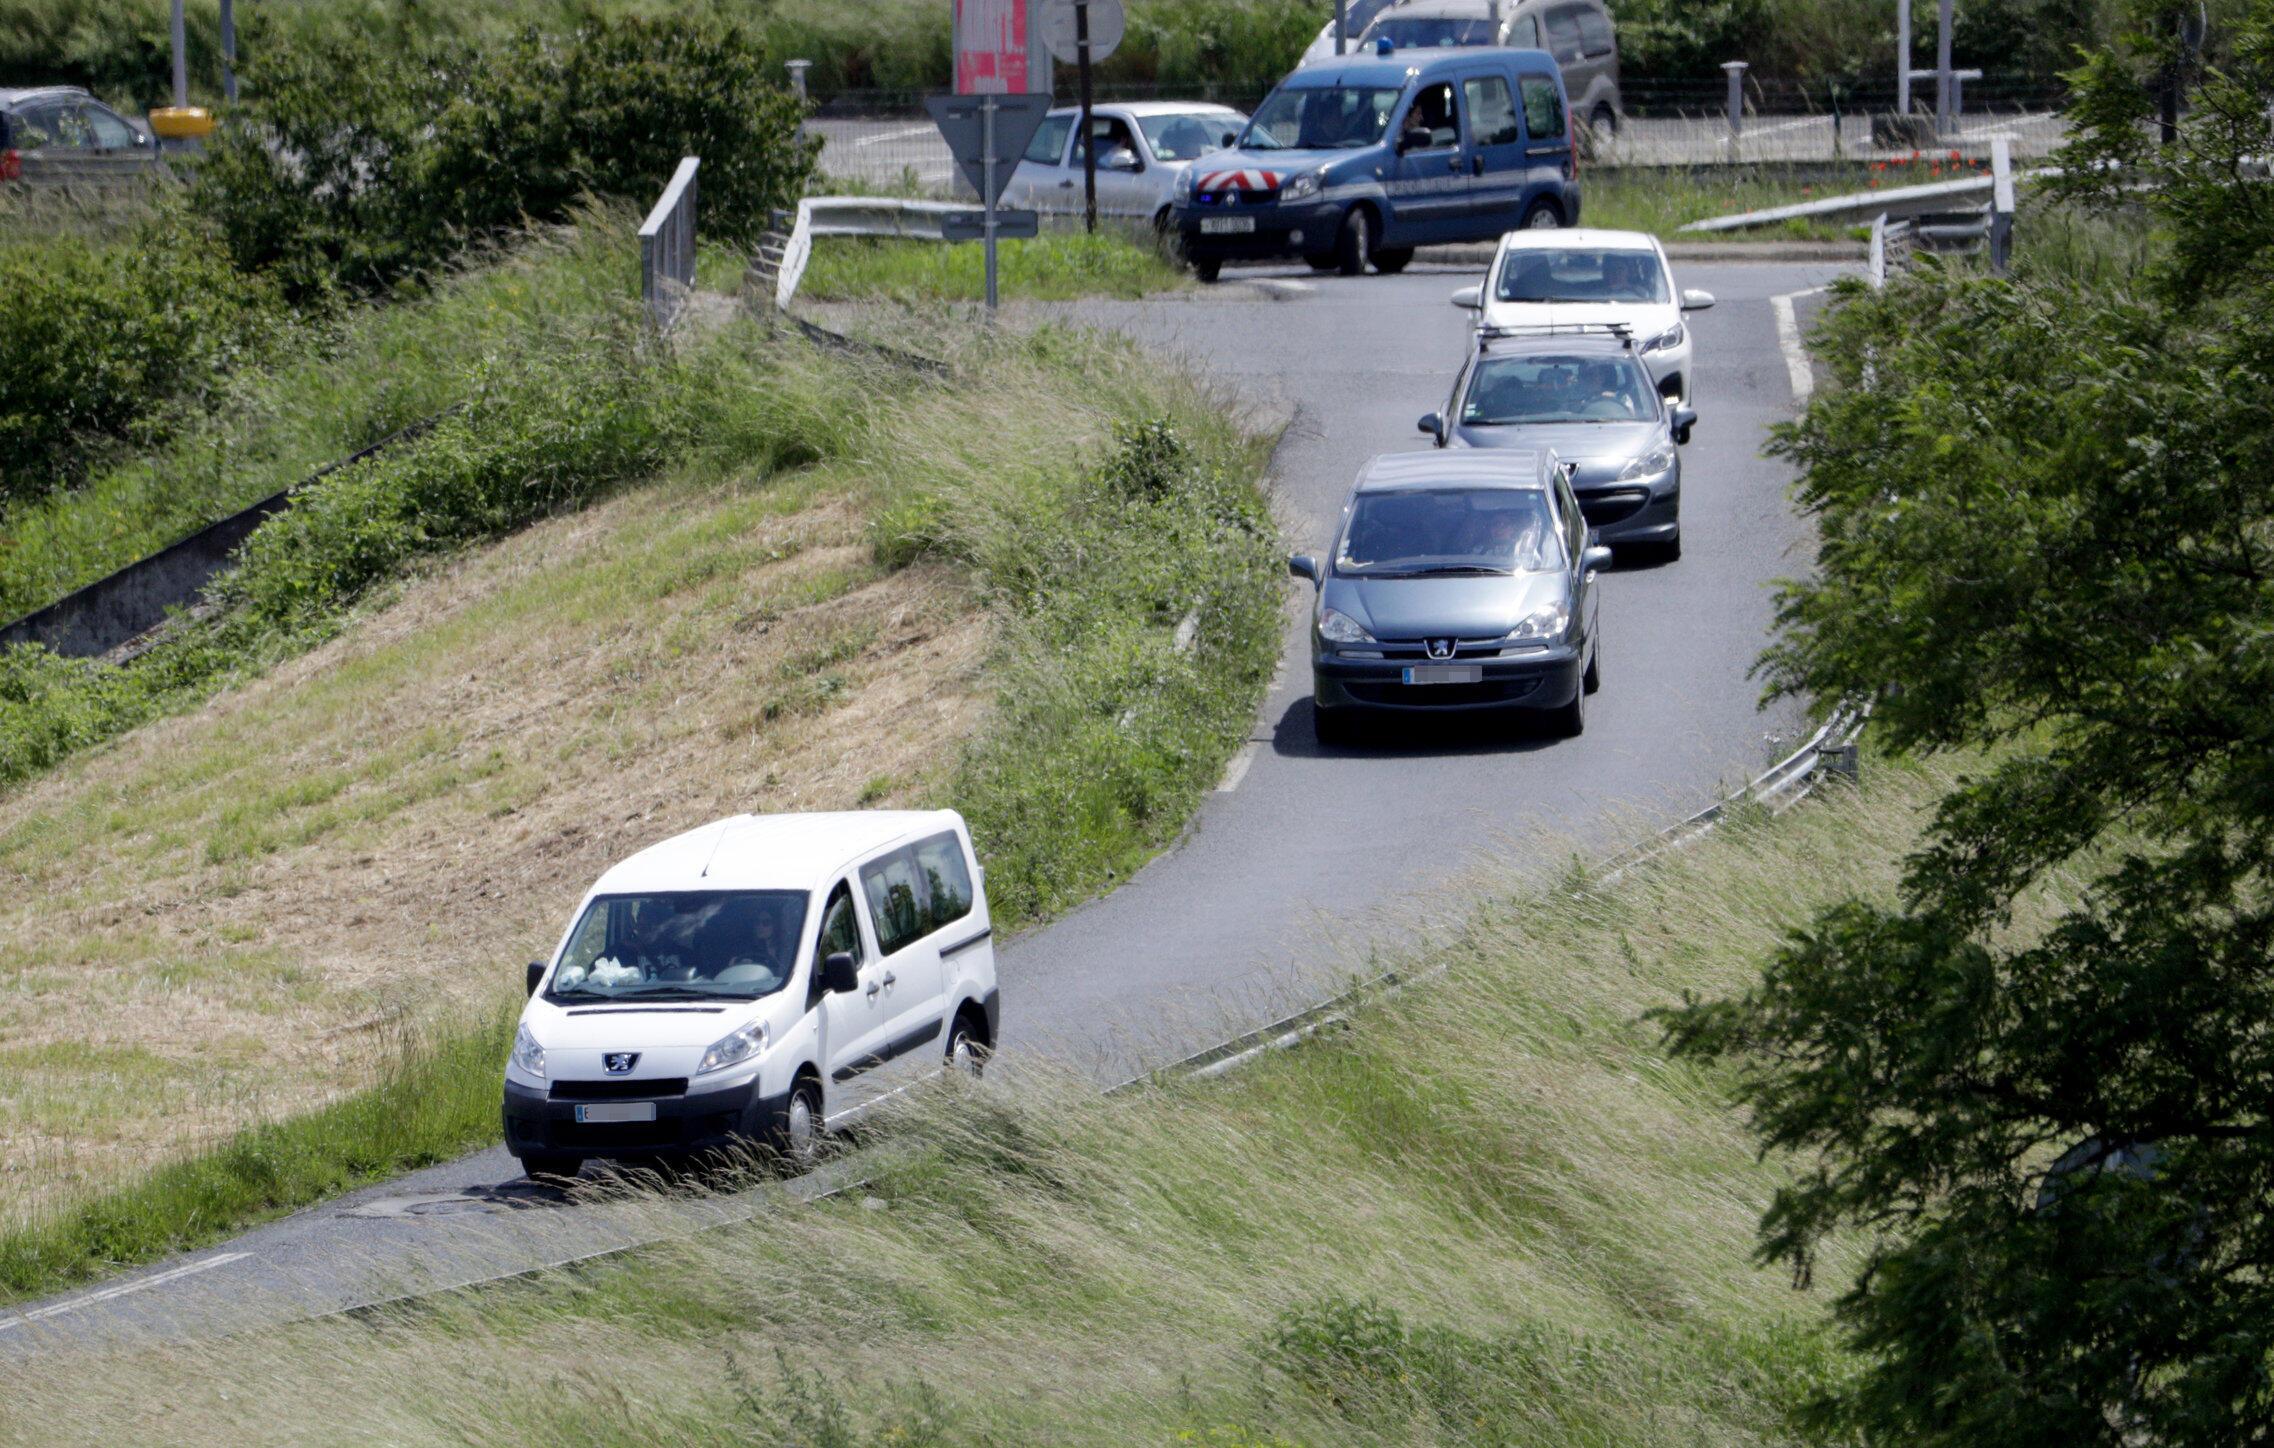 Comboio  transportando filhos de jihadistes deixa o aeroporto de Velizy-Villacoublay, em 10/06/2019.